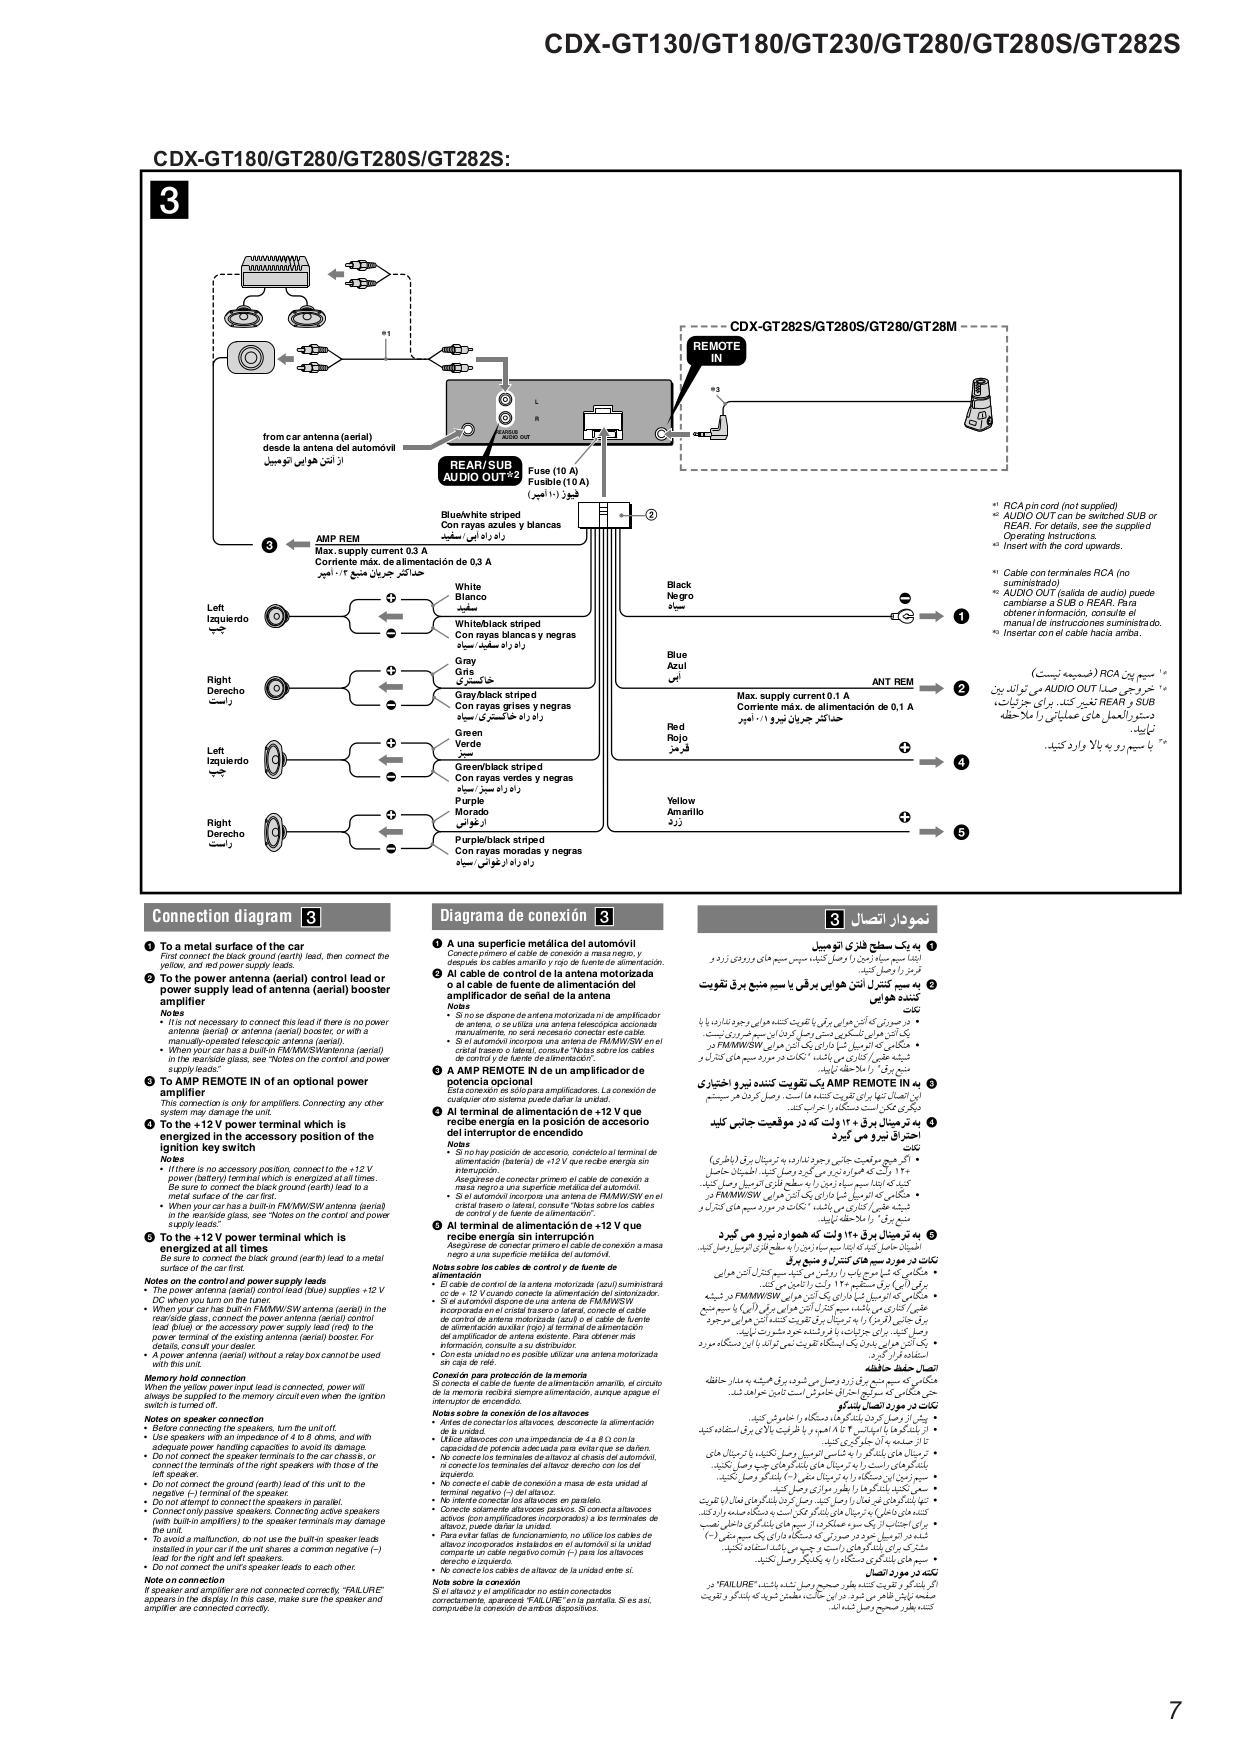 Sony Cdx-Gt09 Wiring Diagram from schematron.org